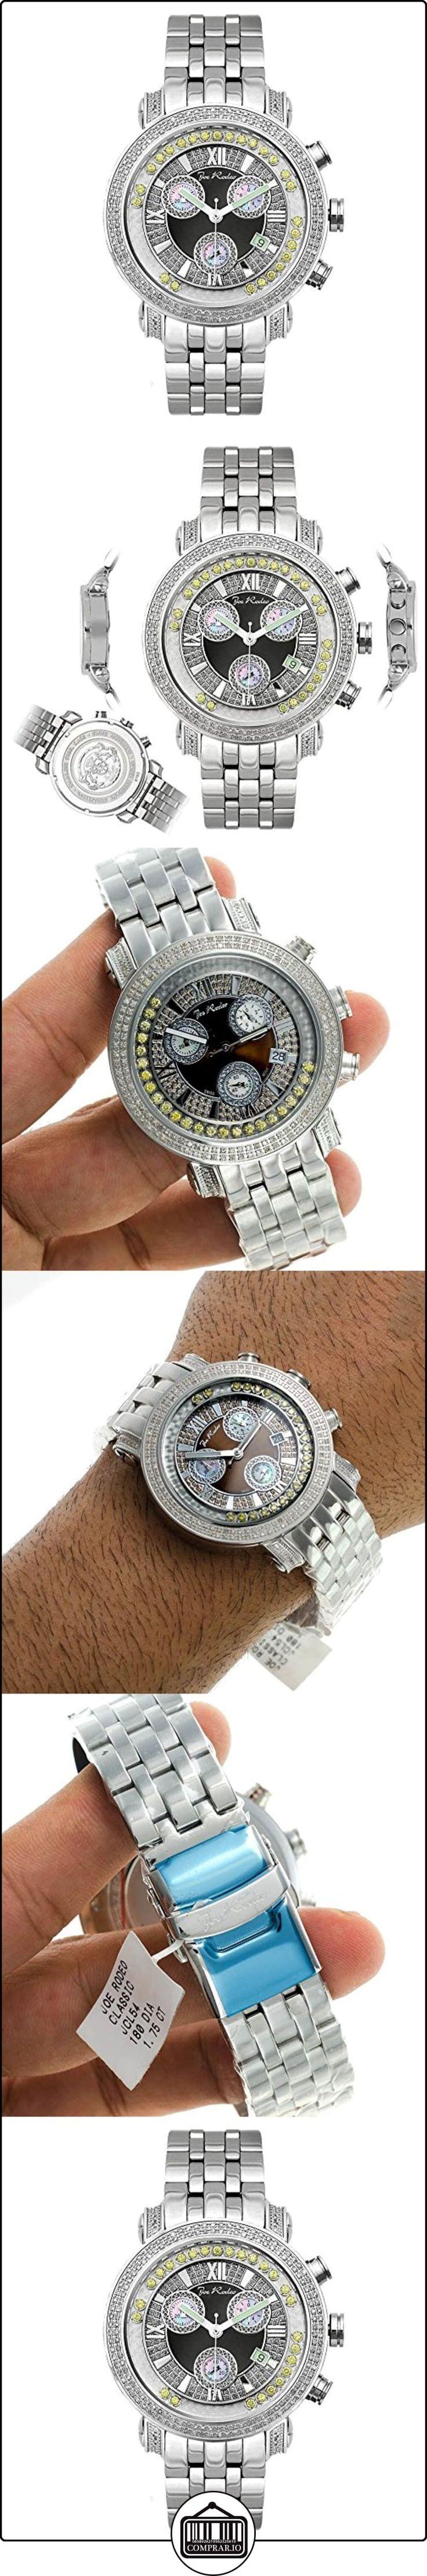 Para hombre reloj de diamante Joe Rodeo - de hombre de estilo clásico 1,75 de quilate  ✿ Relojes para hombre - (Lujo) ✿